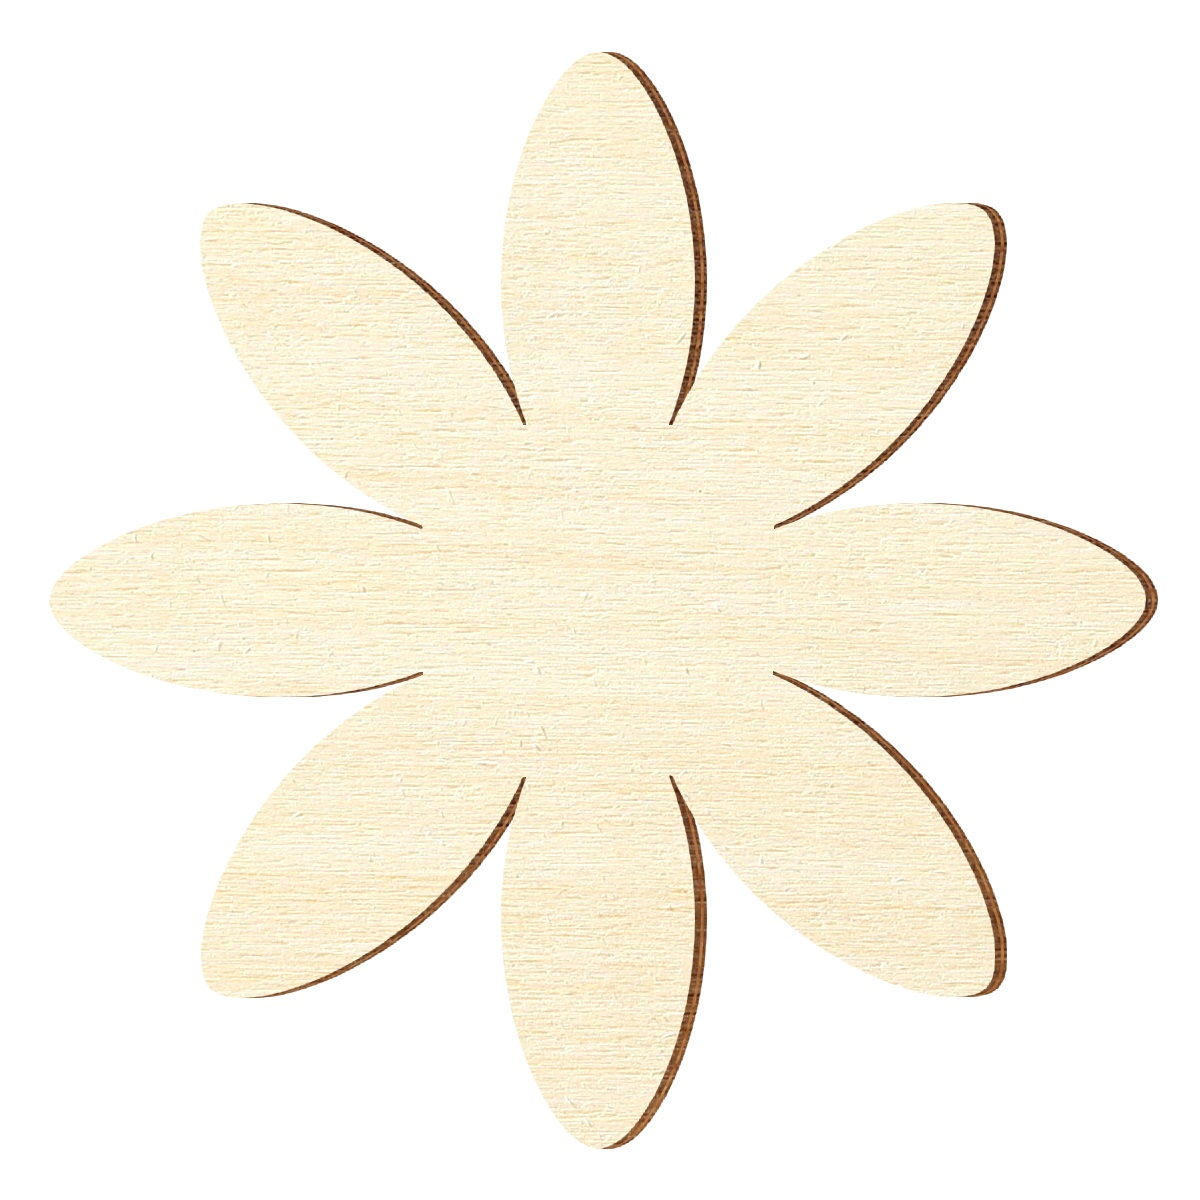 Pappel 3mm Sperrholz Zuschnitte Größenauswahl Libelle